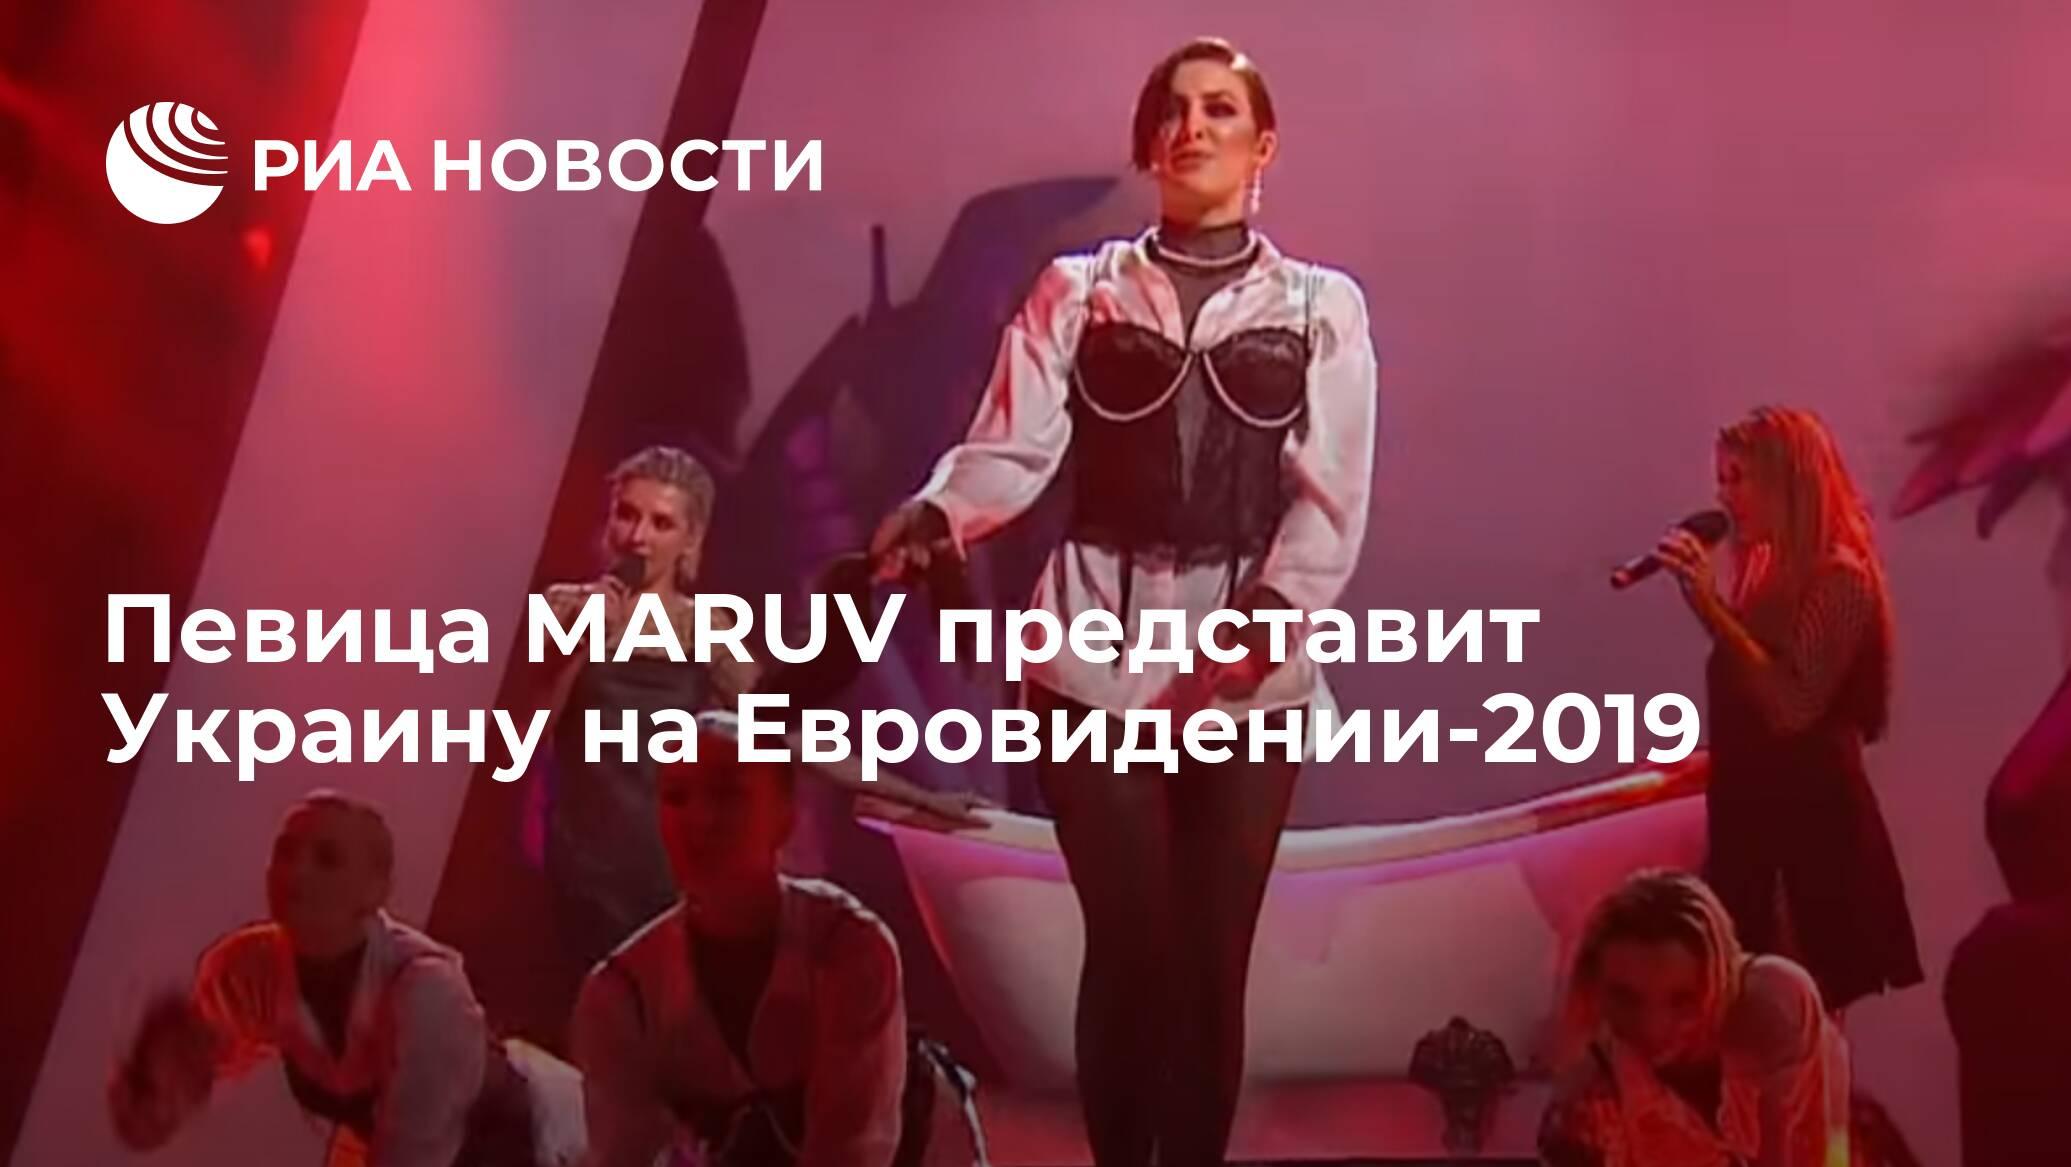 Кто представит Украину на Евровидении 2019? — Люди Роста